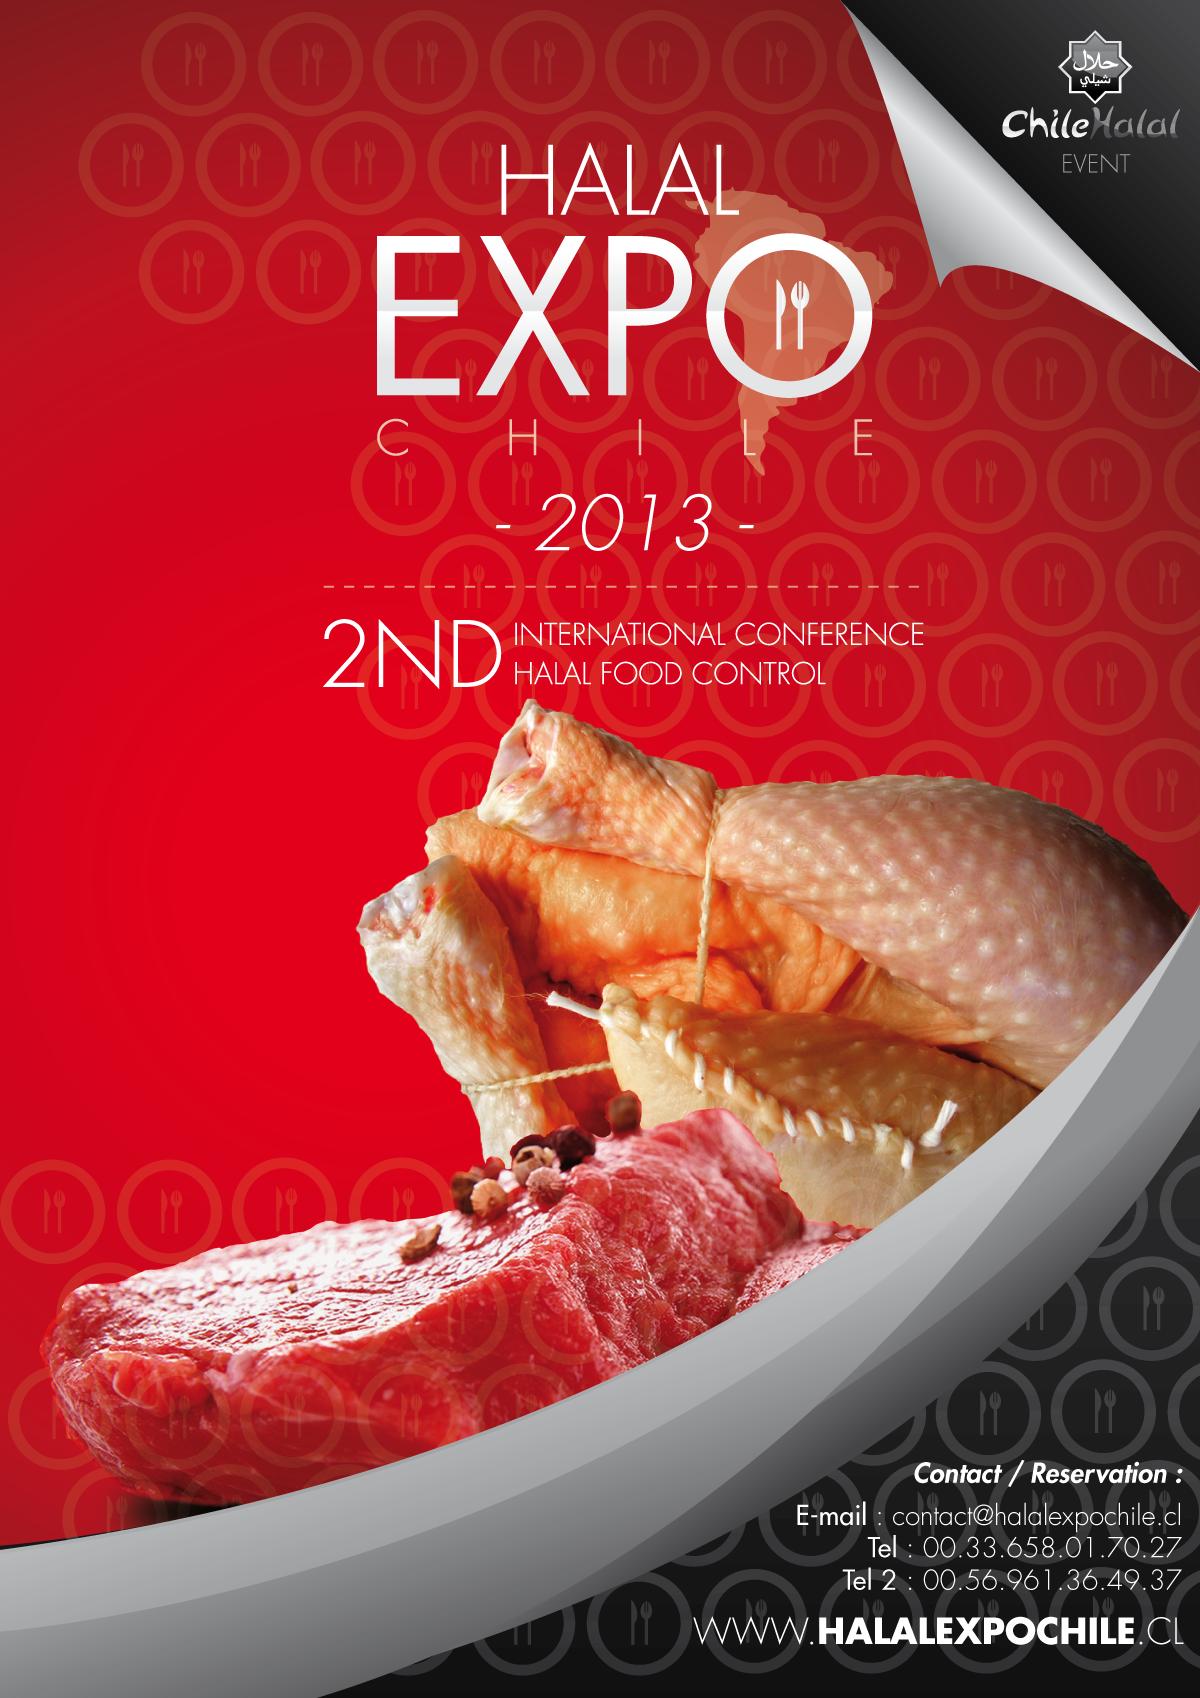 La HalalExpoChile 2013 Segunda Edicion